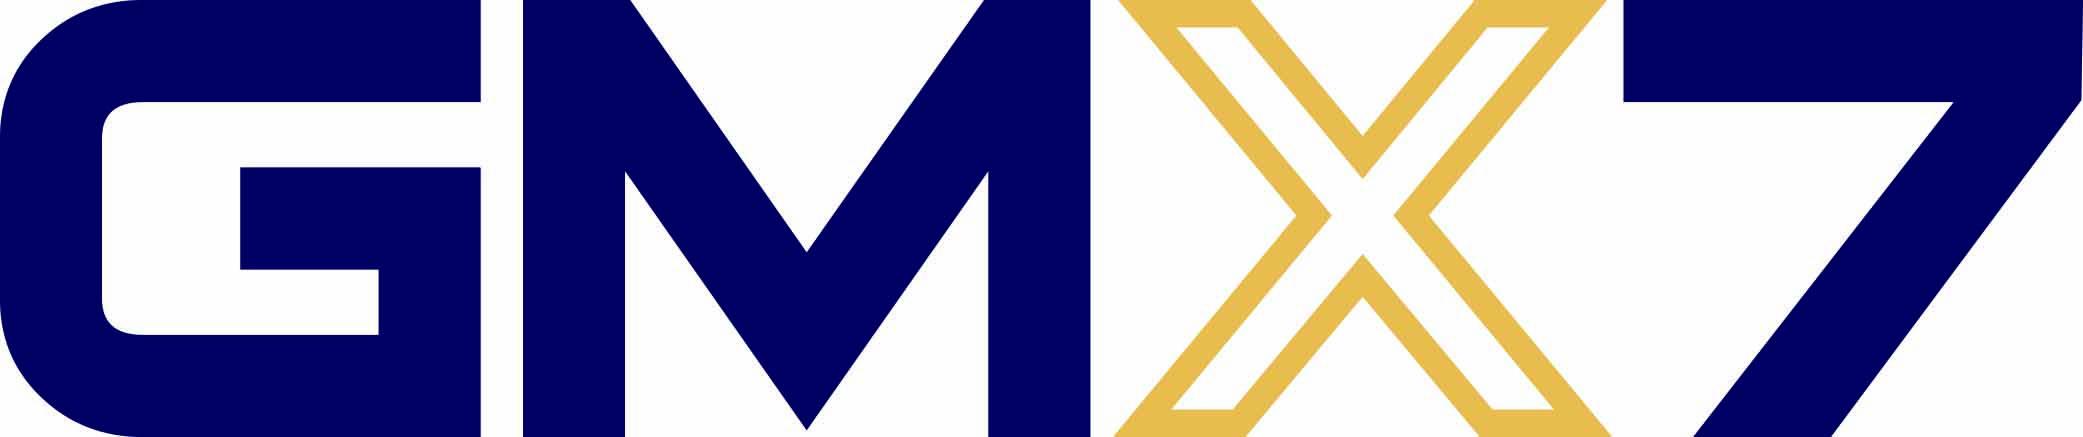 gmx7-logo